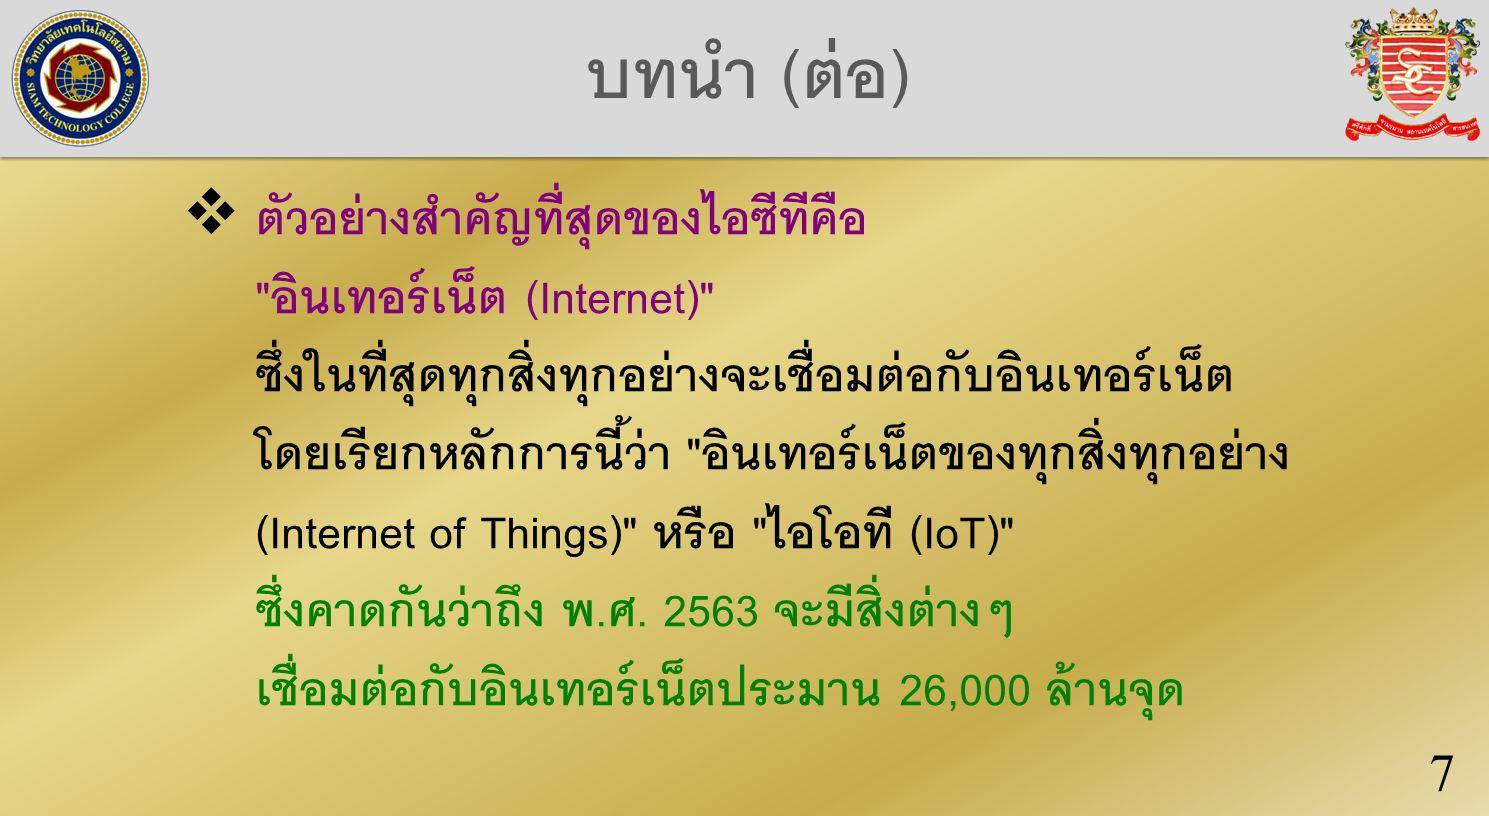 บทนำ (ต่อ)  ตัวอย่างสำคัญที่สุดของไอซีทีคือ อินเทอร์เน็ต (Internet) ซึ่งในที่สุดทุกสิ่งทุกอย่างจะเชื่อมต่อกับอินเทอร์เน็ต โดยเรียกหลักการนี้ว่า อินเทอร์เน็ตของทุกสิ่งทุกอย่าง (Internet of Things) หรือ ไอโอที (IoT) ซึ่งคาดกันว่าถึง พ.ศ.